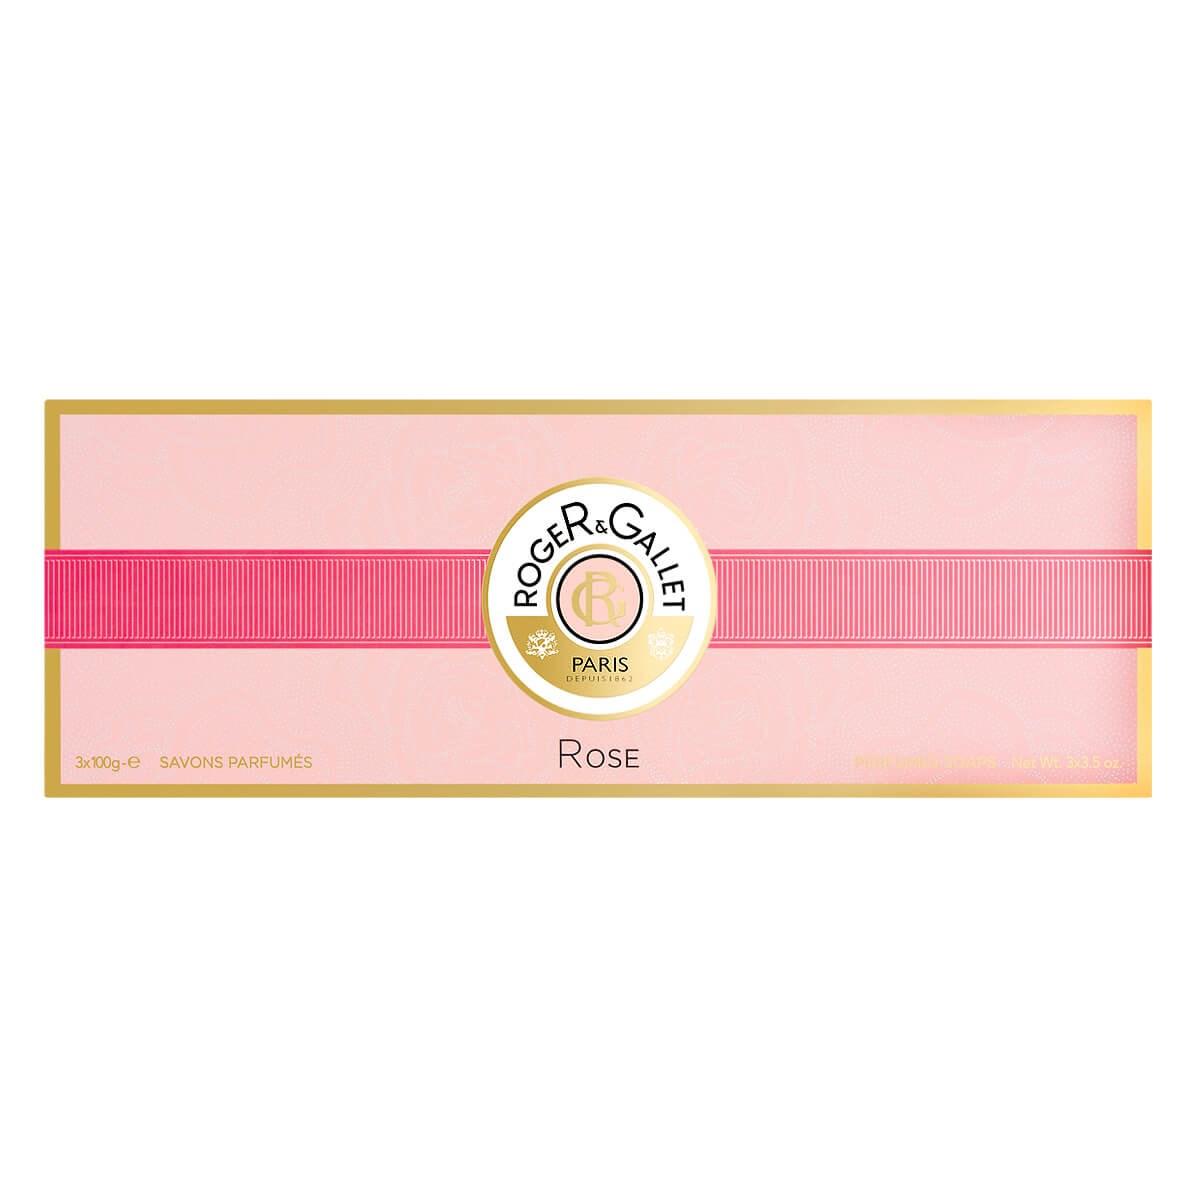 Roger & Gallet Rose Gentle Perfumed Soaps